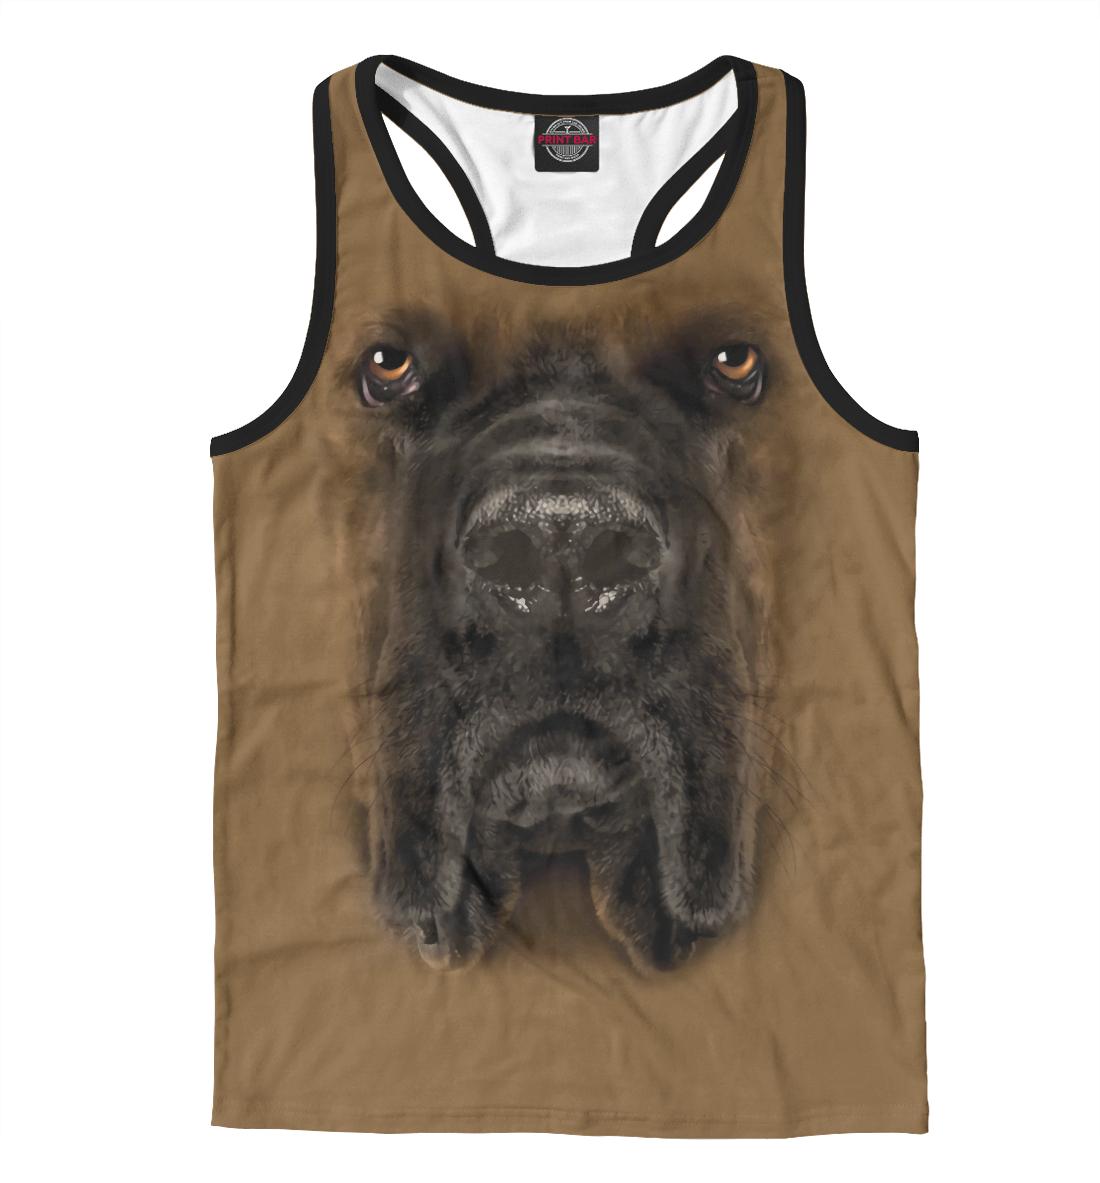 Купить Собака, Printbar, Майки борцовки, DOG-145696-mayb-2